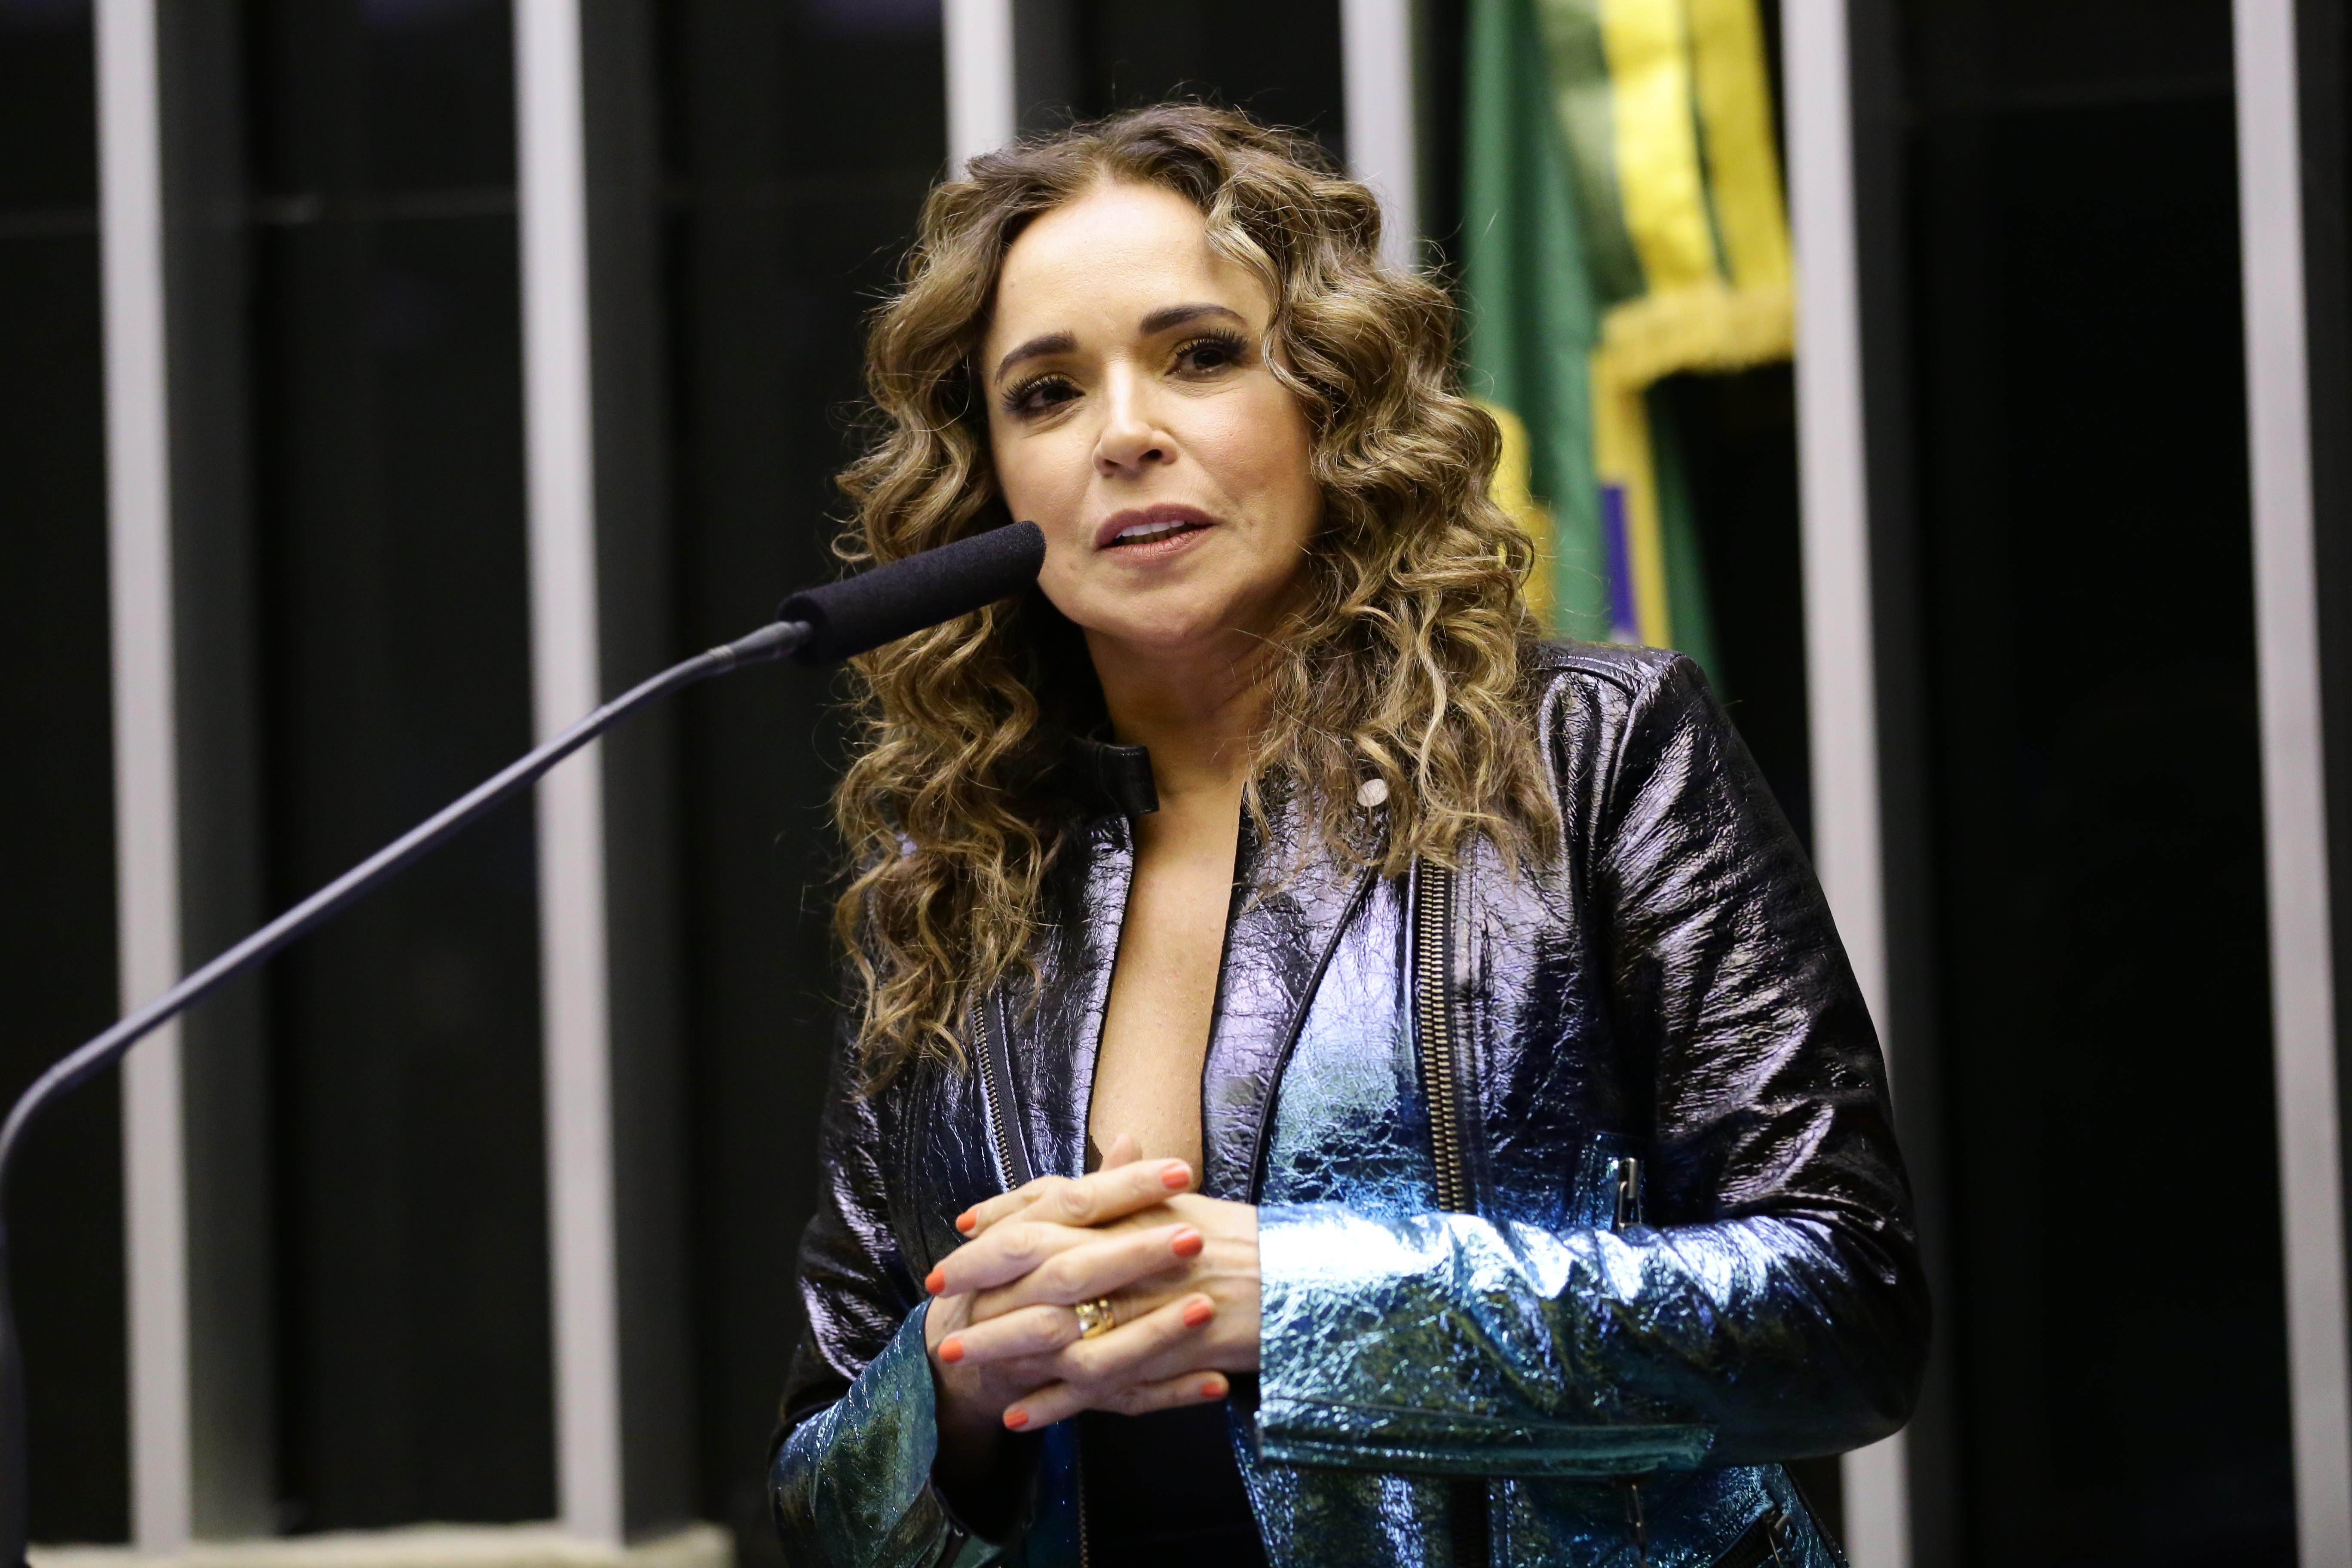 Homenagem ao Cinquentenário do Levante de Stonewall. Cantora e Embaixadora do Fundo das Nações Unidas para a Infância, Senhora Daniela Mercury Verçosa